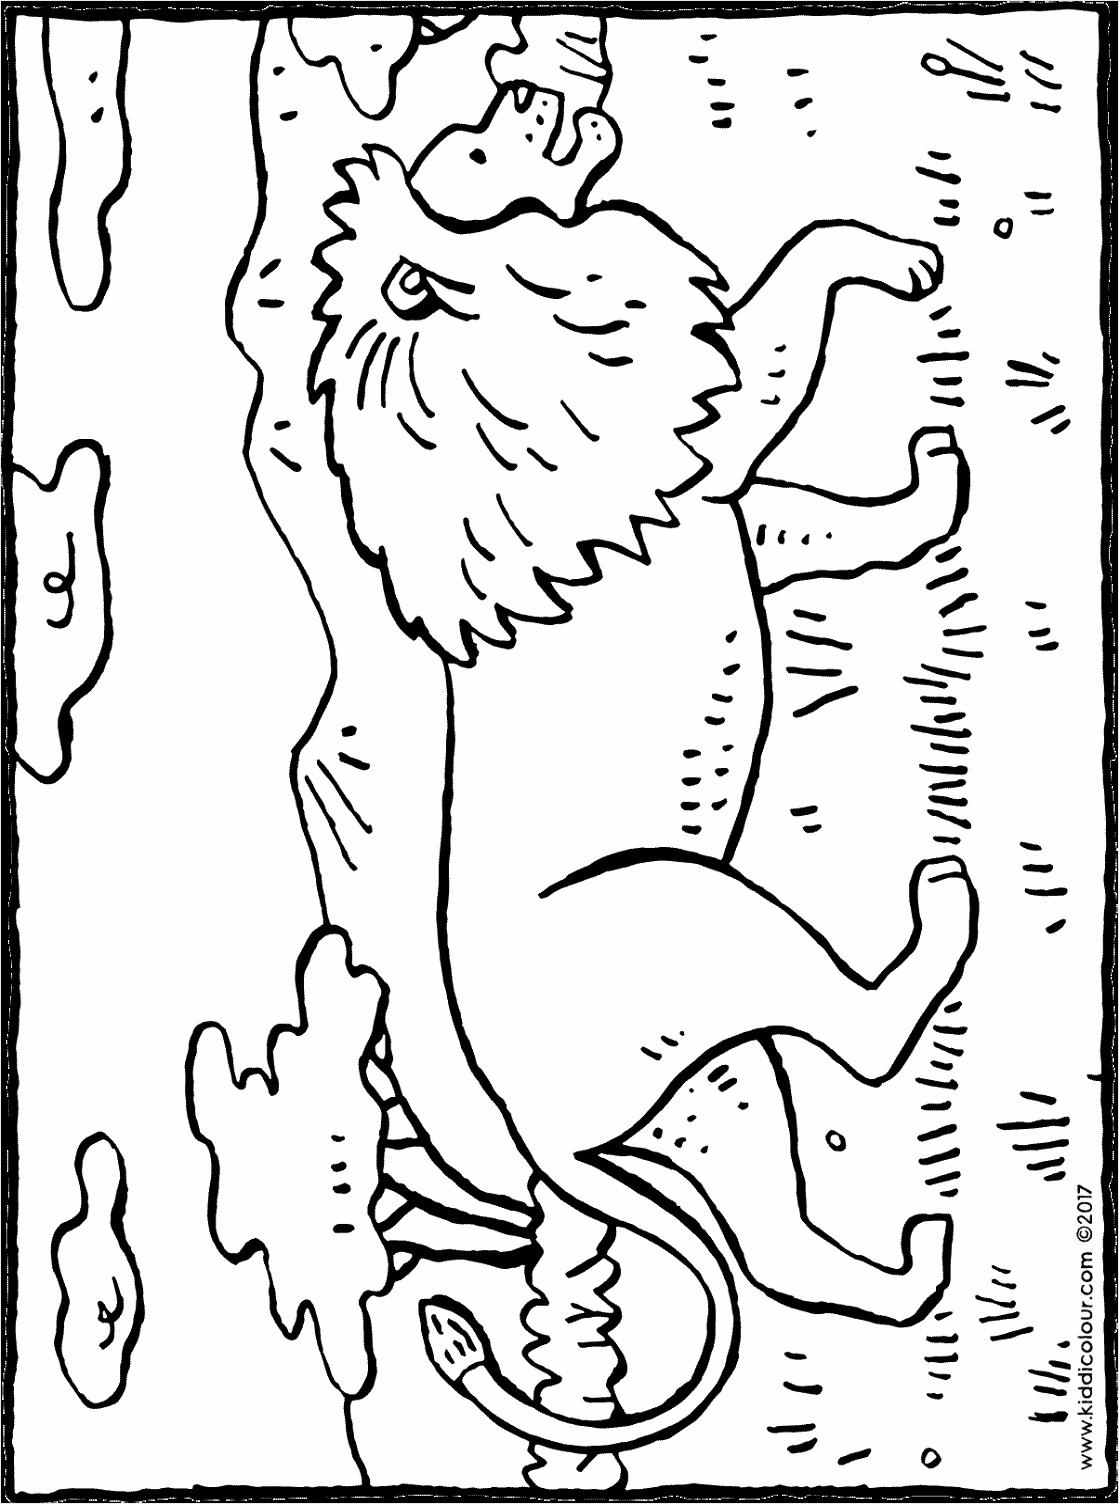 kleurplaat neushoorn kleurplaten234